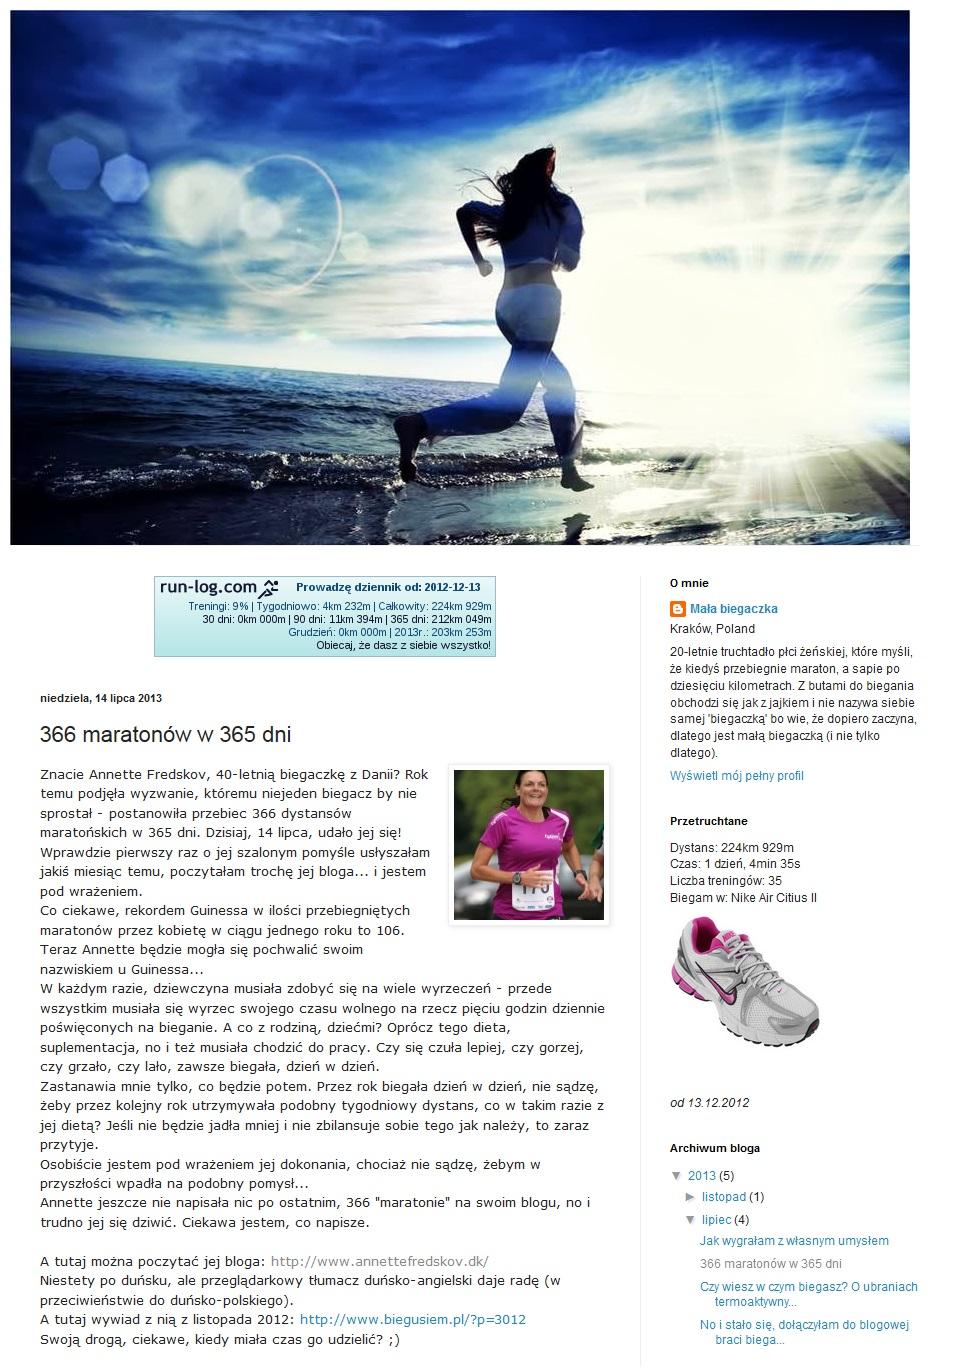 little-runner-x.blogspot.dk 2013.07.14 polsk